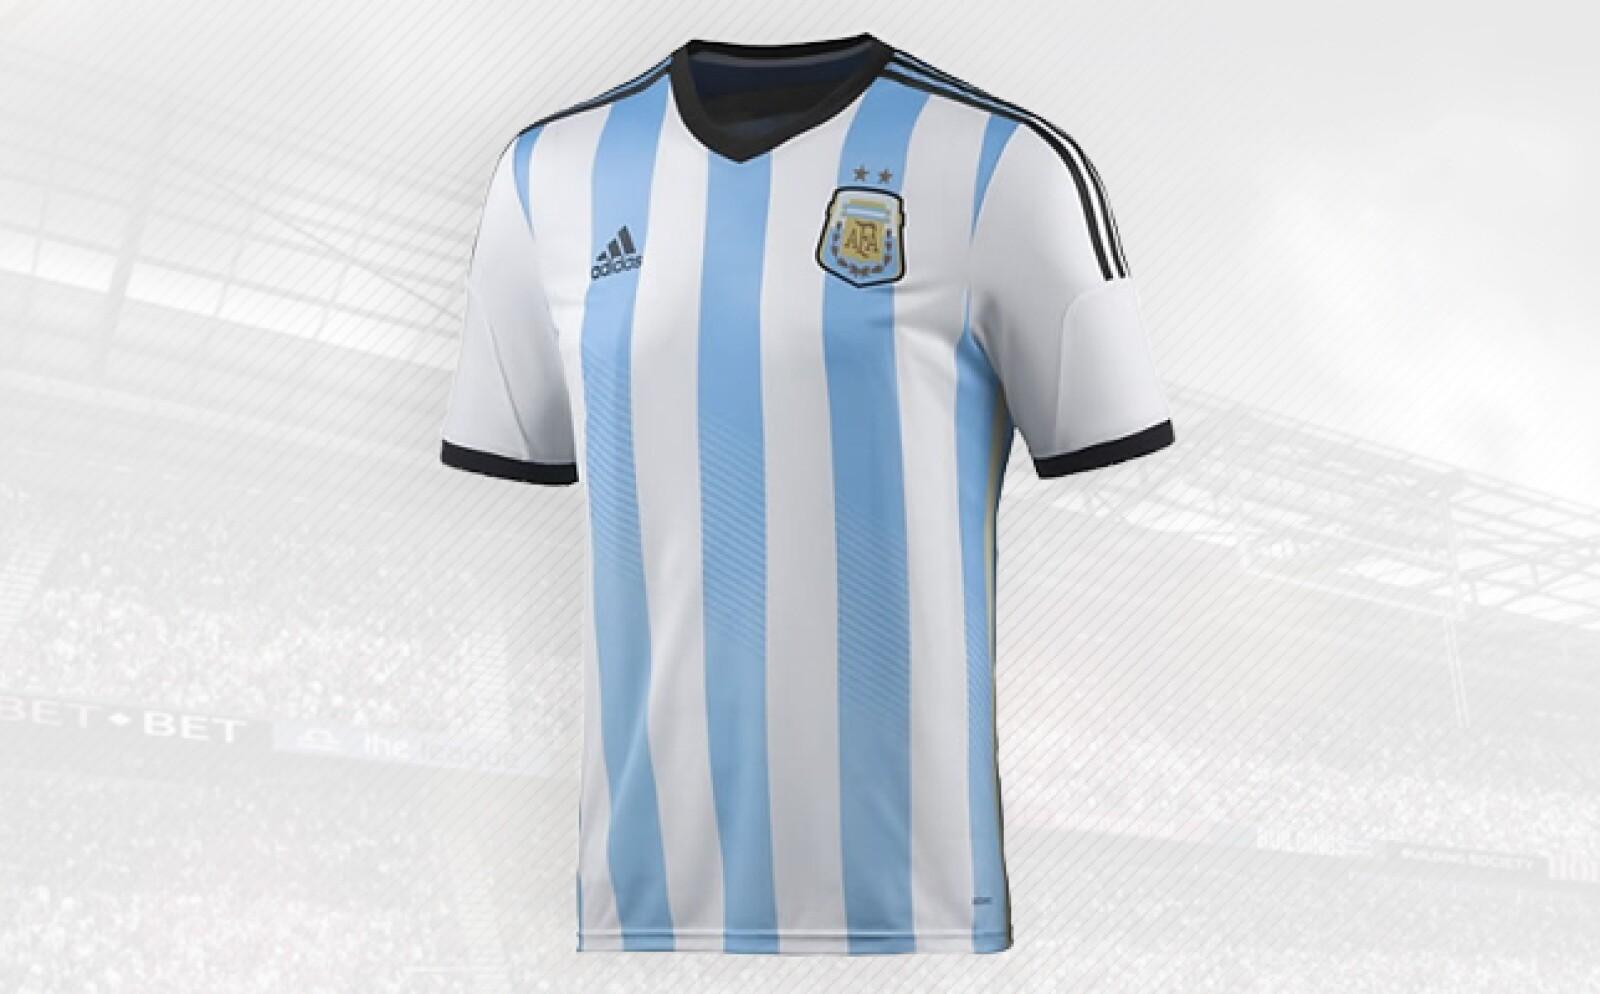 La albiceleste es una de las playeras insignias de Adidas, y su contrato actual vence hasta 2022.